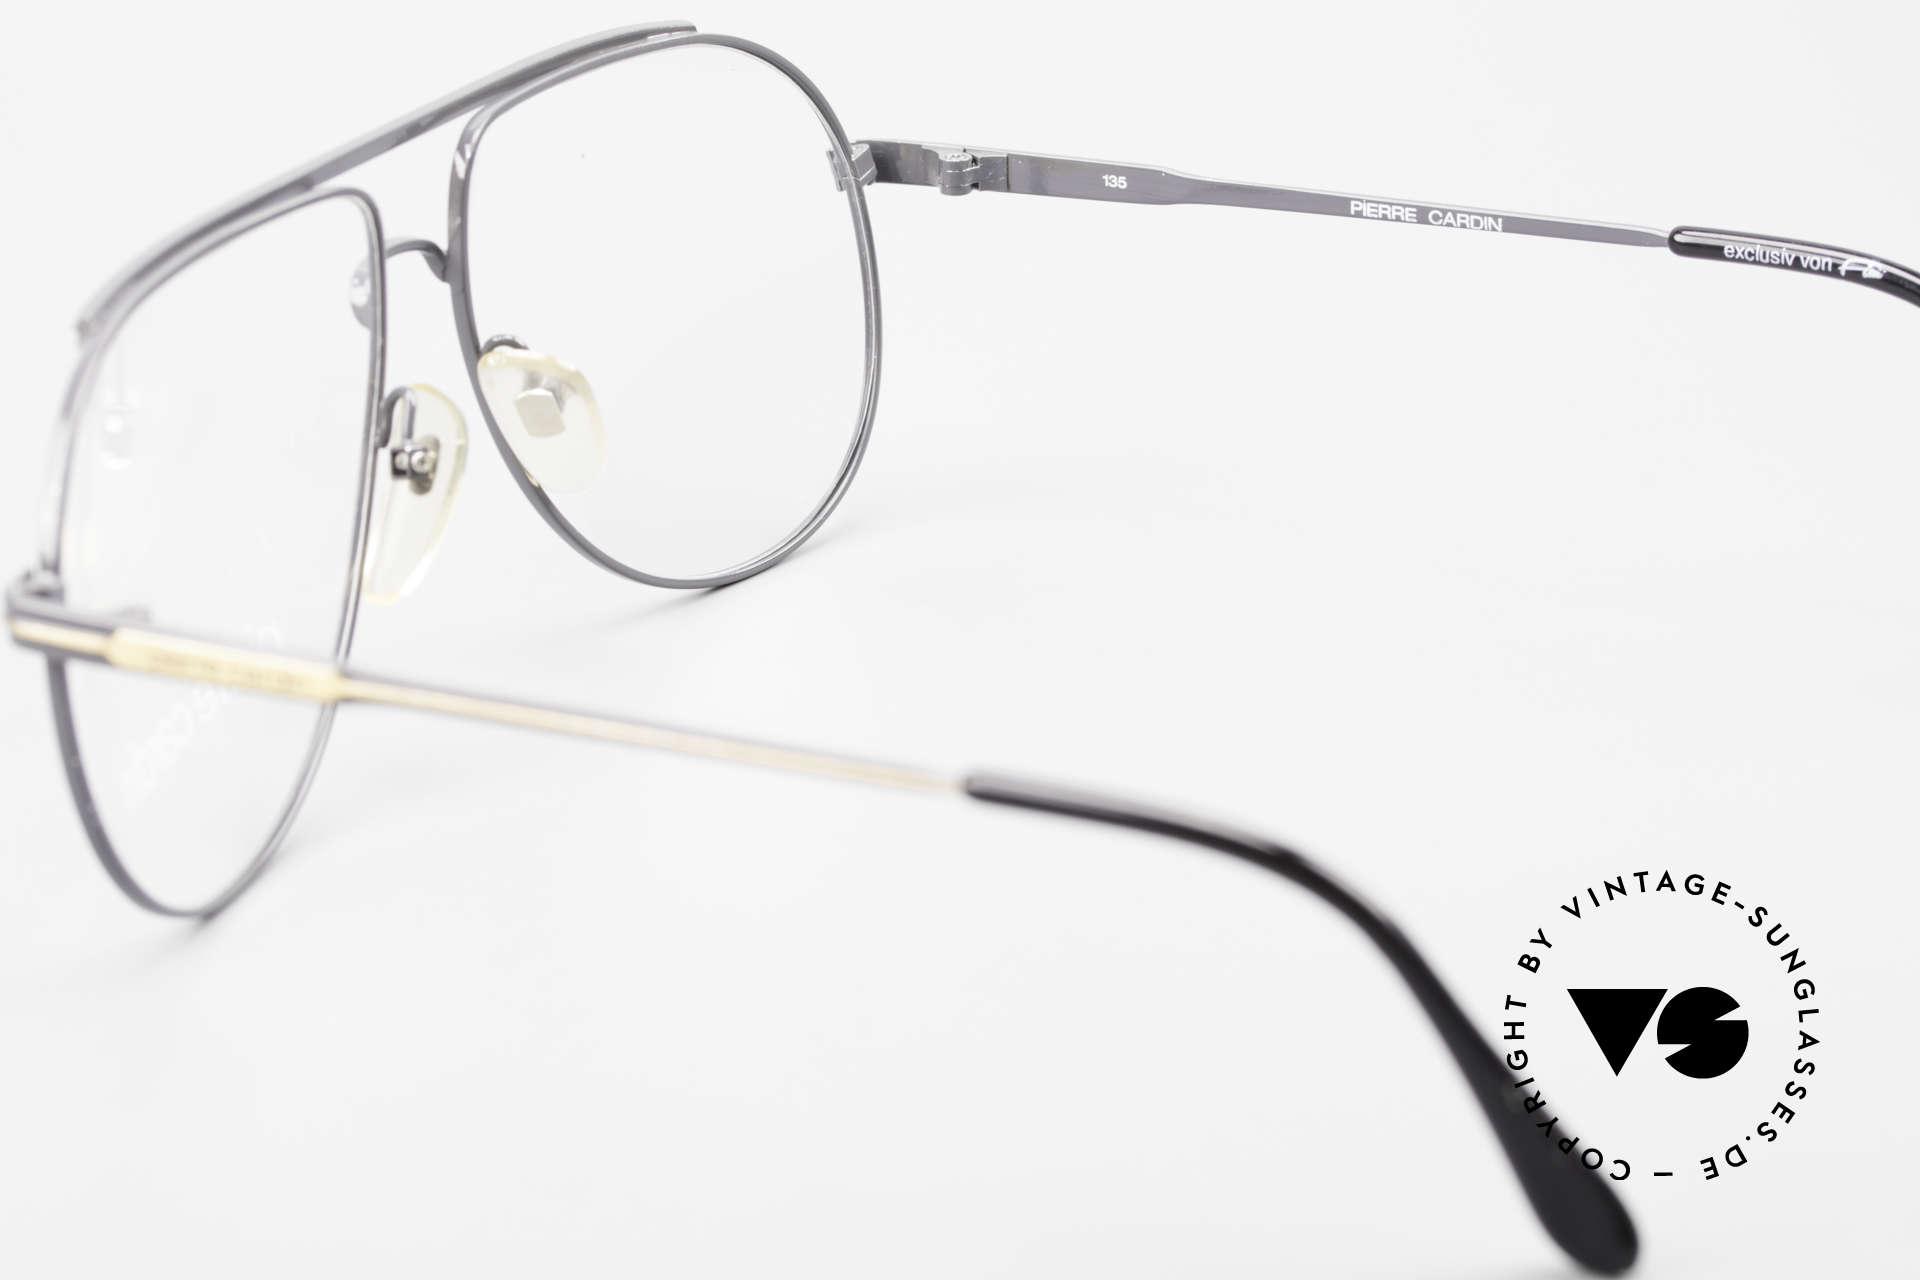 Pierre Cardin 803 80er Tropfenform Herrenbrille, KEINE RETROBRILLE, ein 80er Jahre ORIGINAL, Passend für Herren